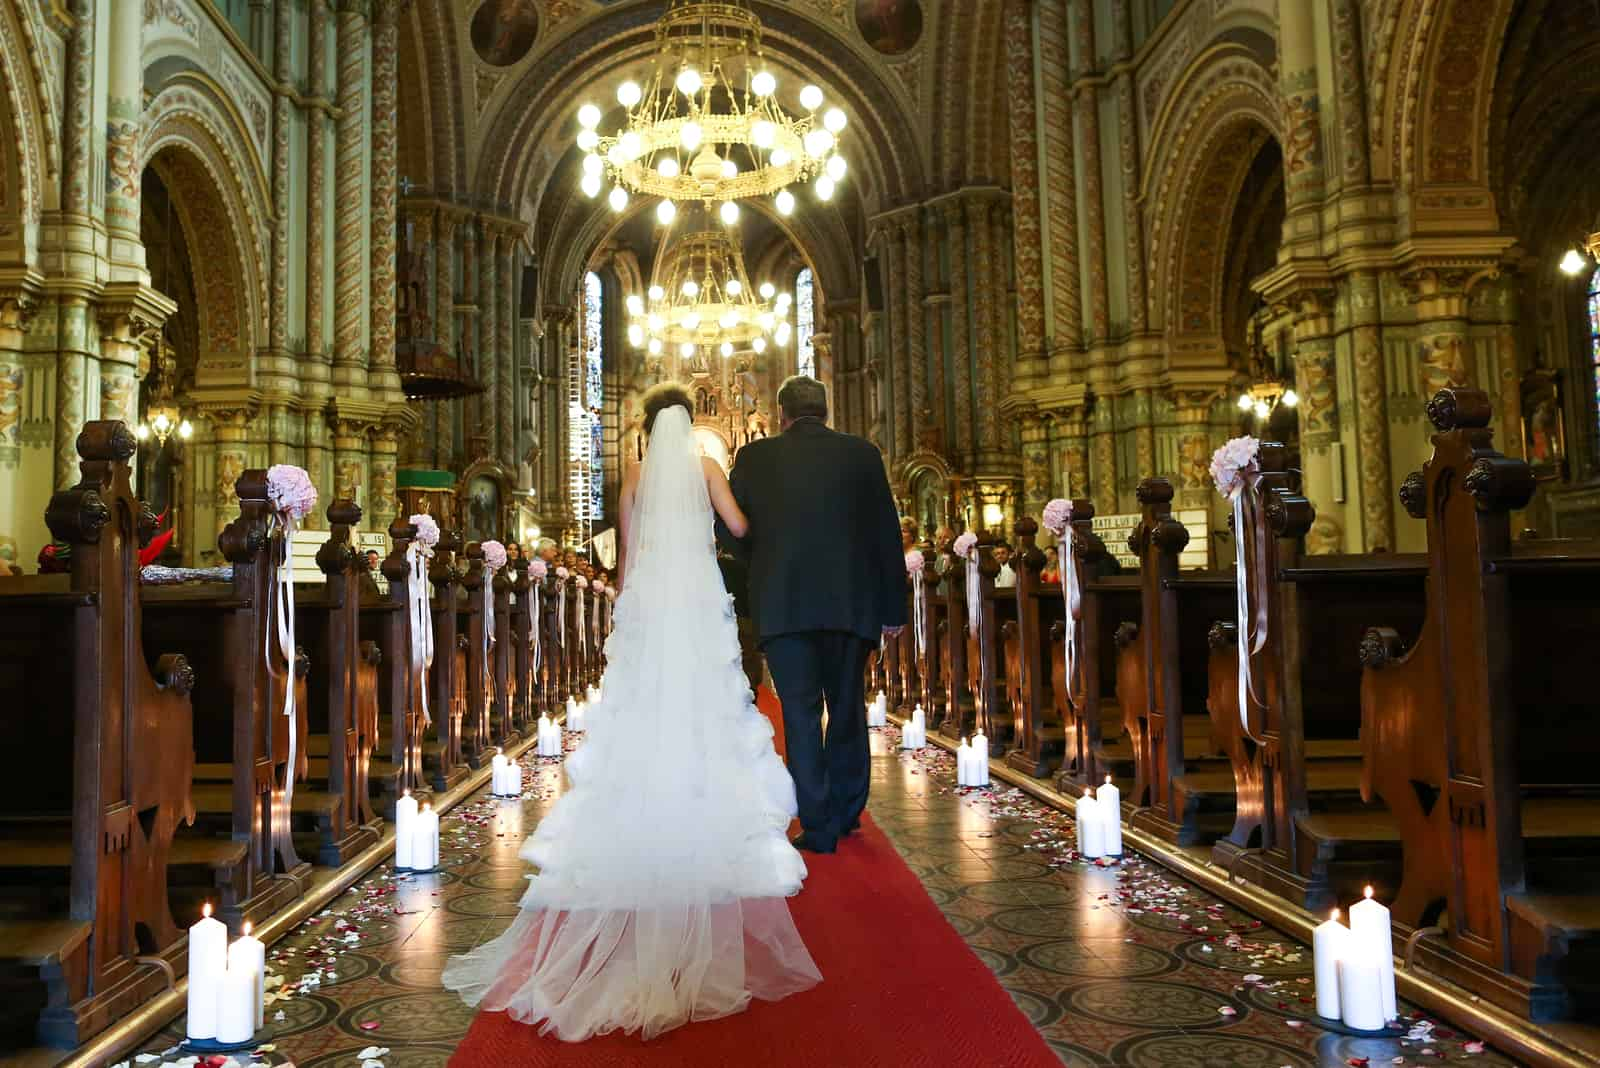 Vater führt seine Tochter zum Altar.